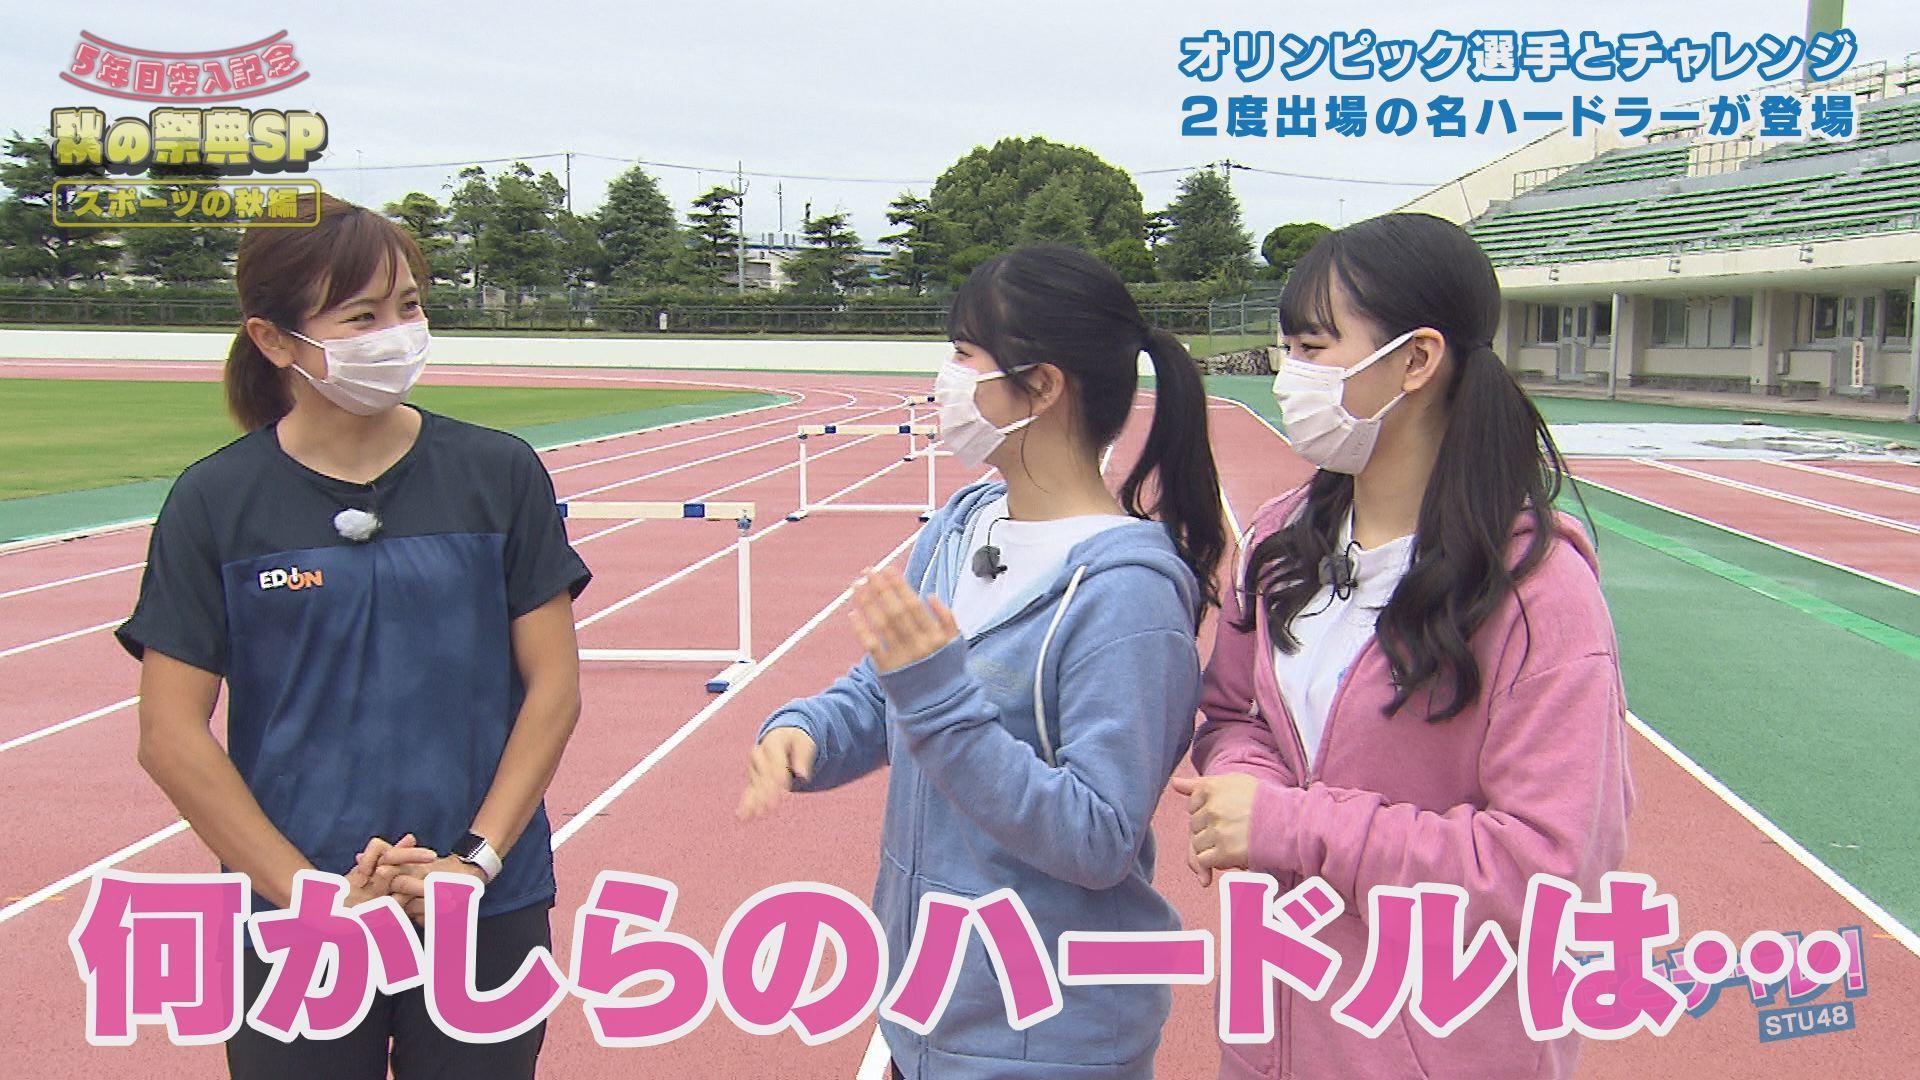 木村文子選手、STU48矢野帆夏・信濃宙花